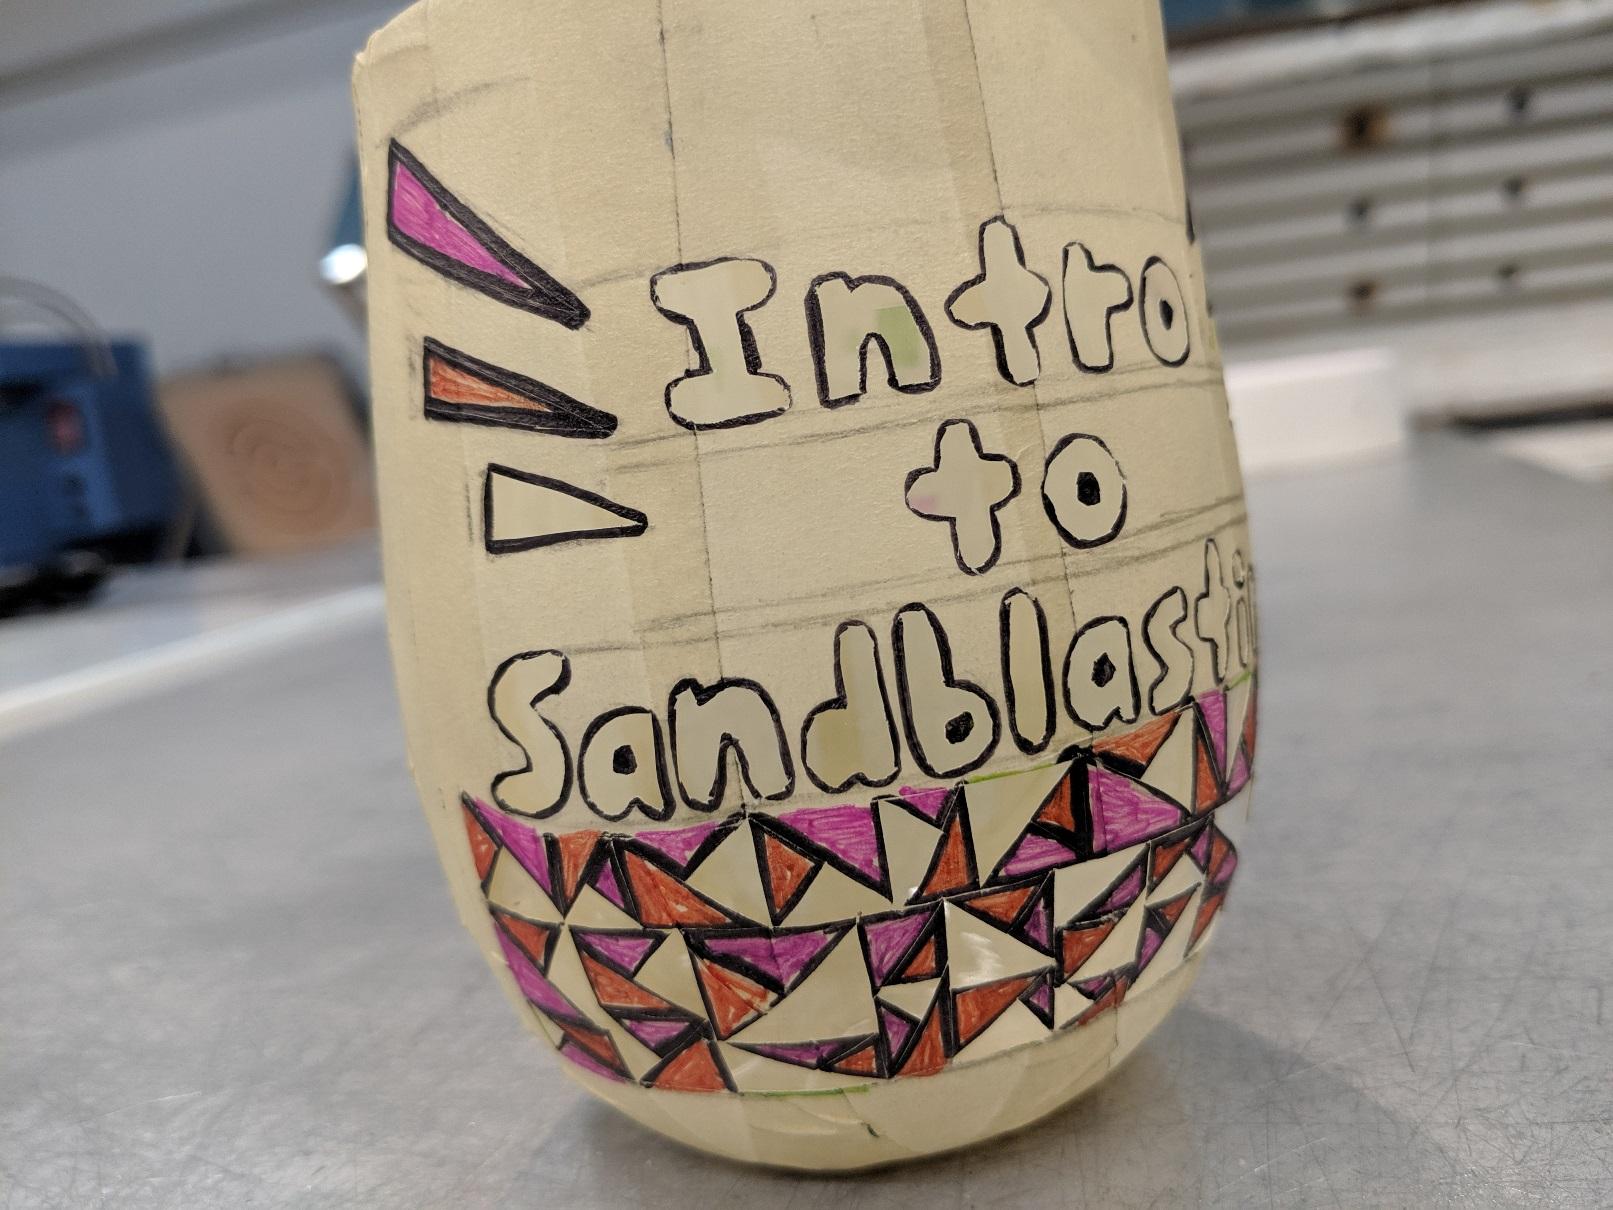 Sandblasting 2